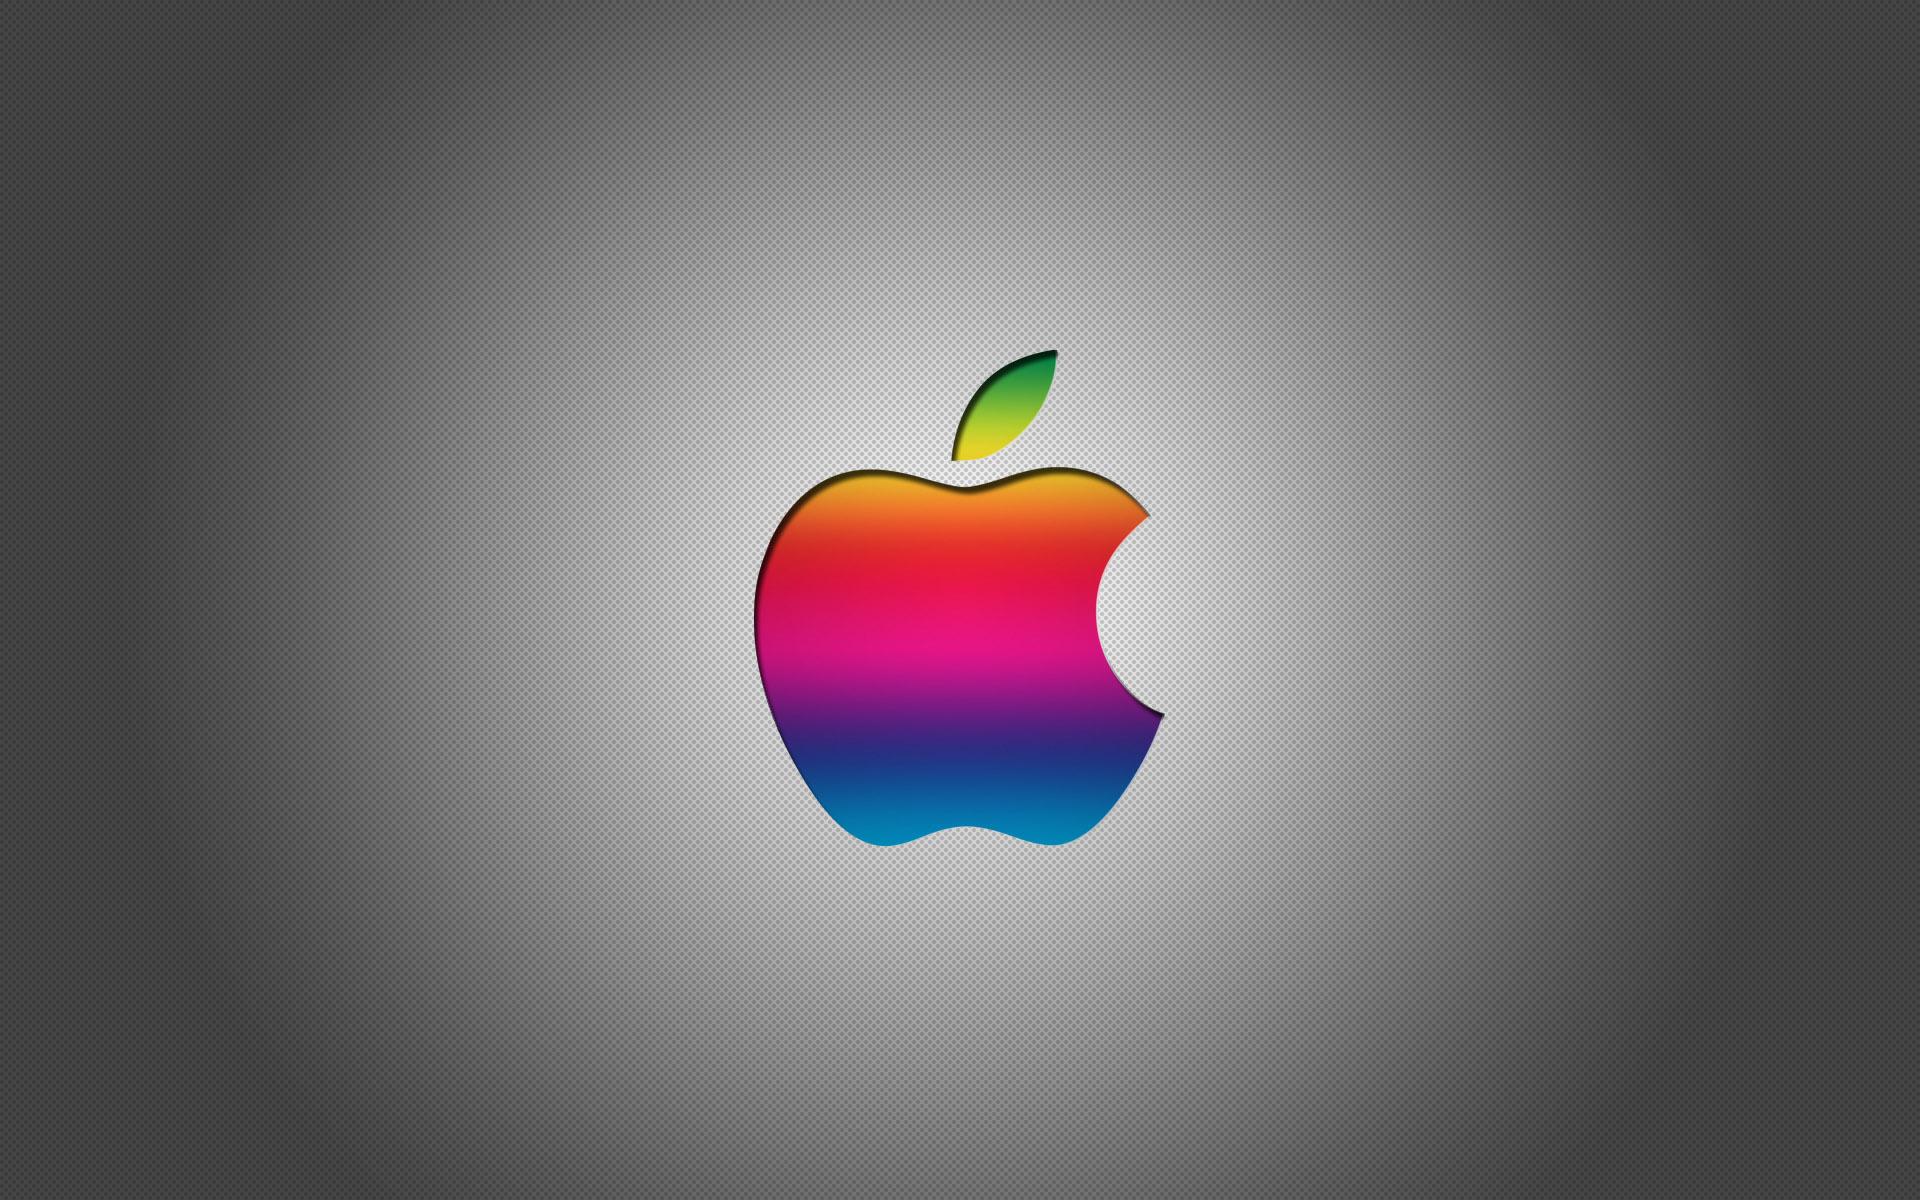 苹果笔记本可爱壁纸